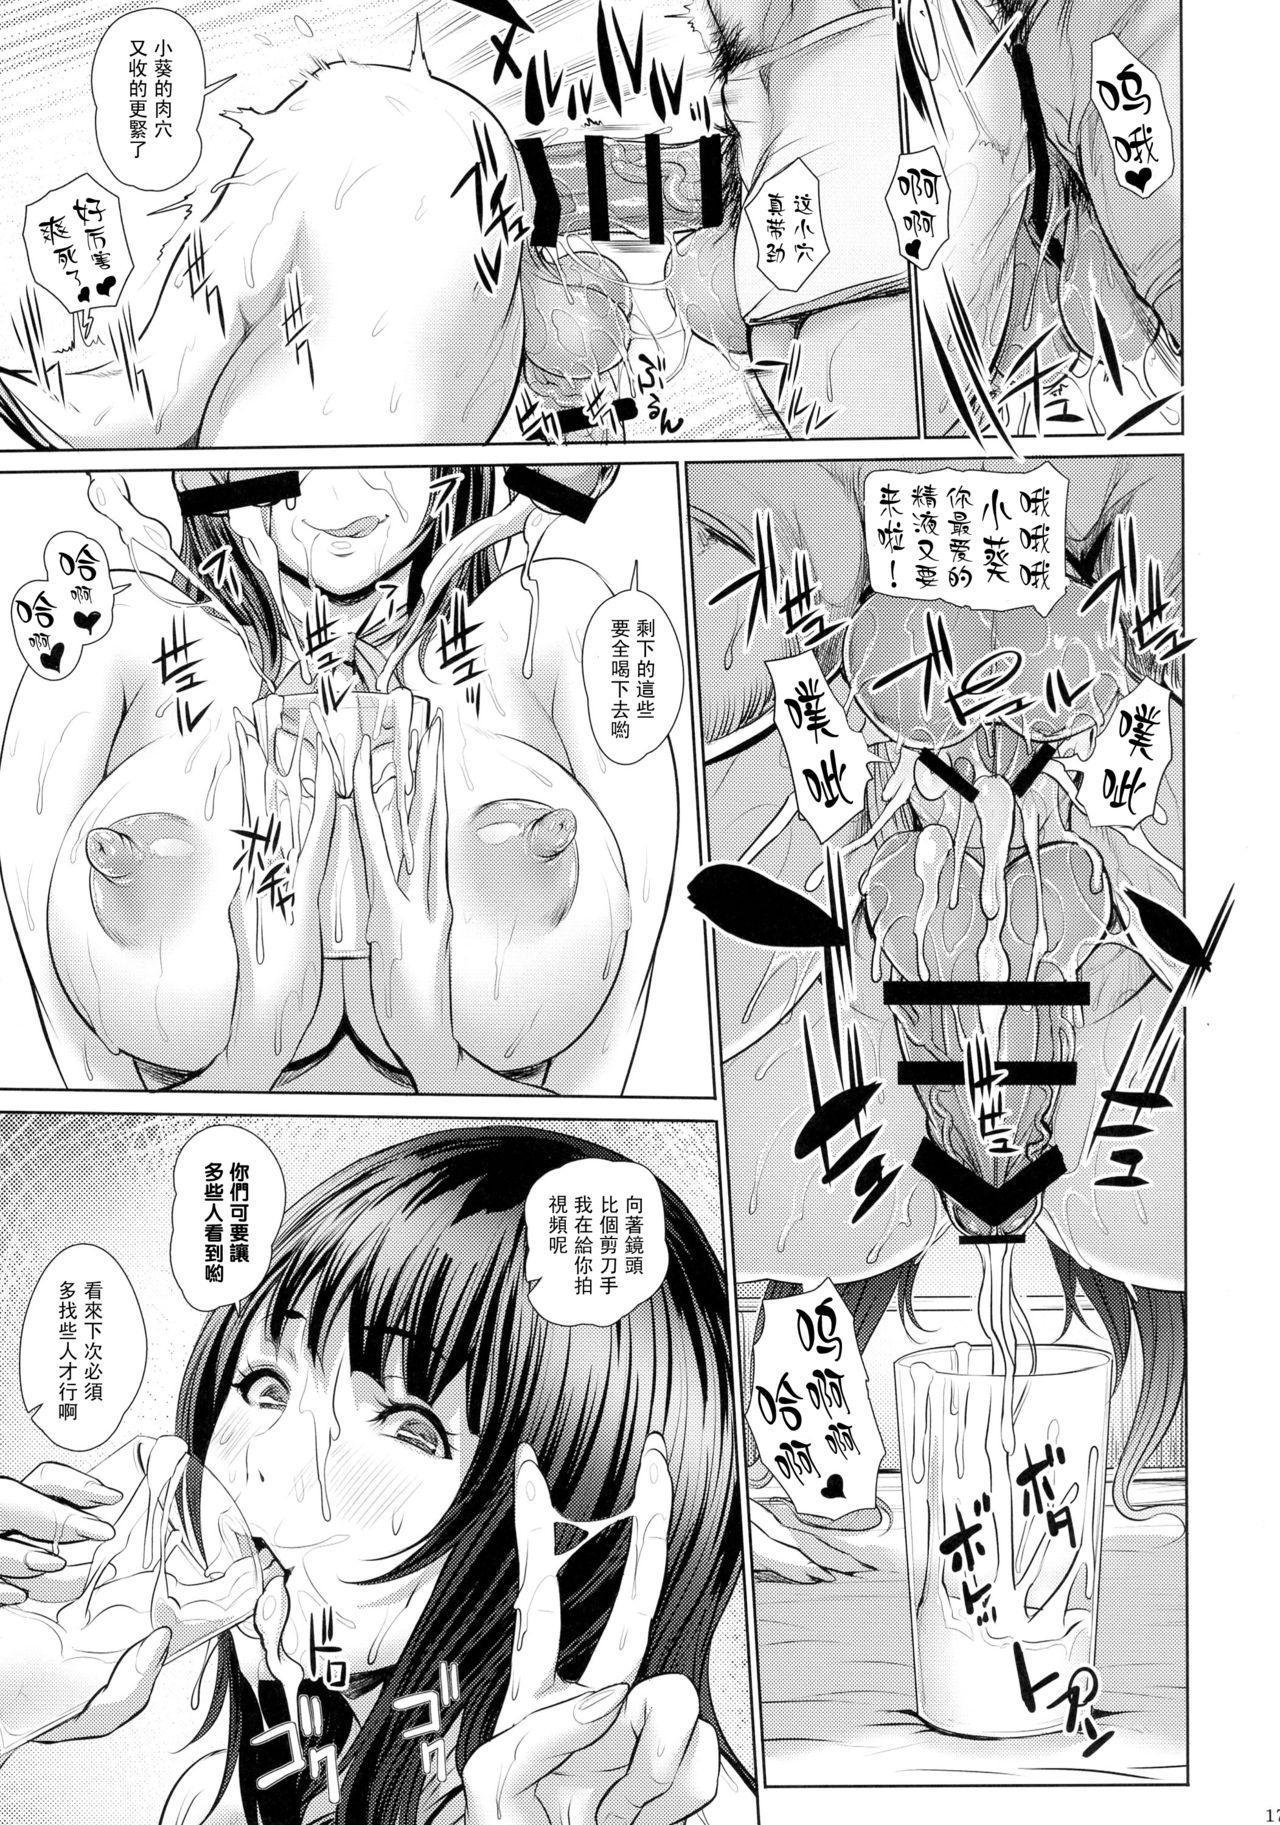 Ikken Majimena Kurokami Futa Musume Honto wa Chitsu Dashi Rankou Ofu-kai no Jouren 15